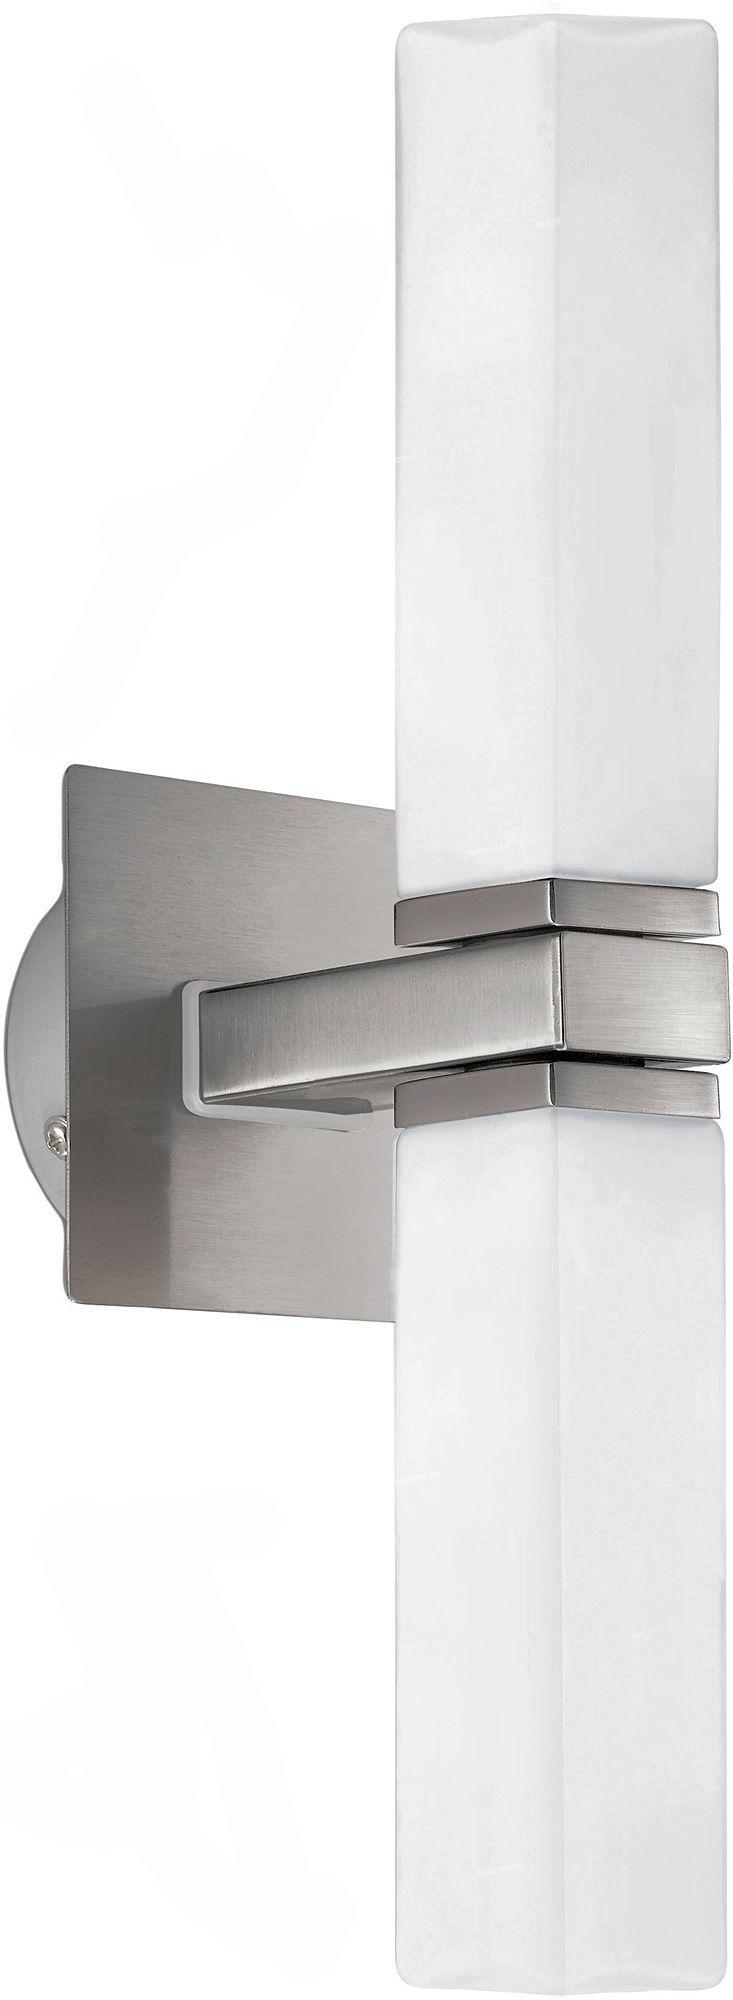 Светильник для ванной комнаты Eglo 88284-eg palermo бра eglo palermo 88284